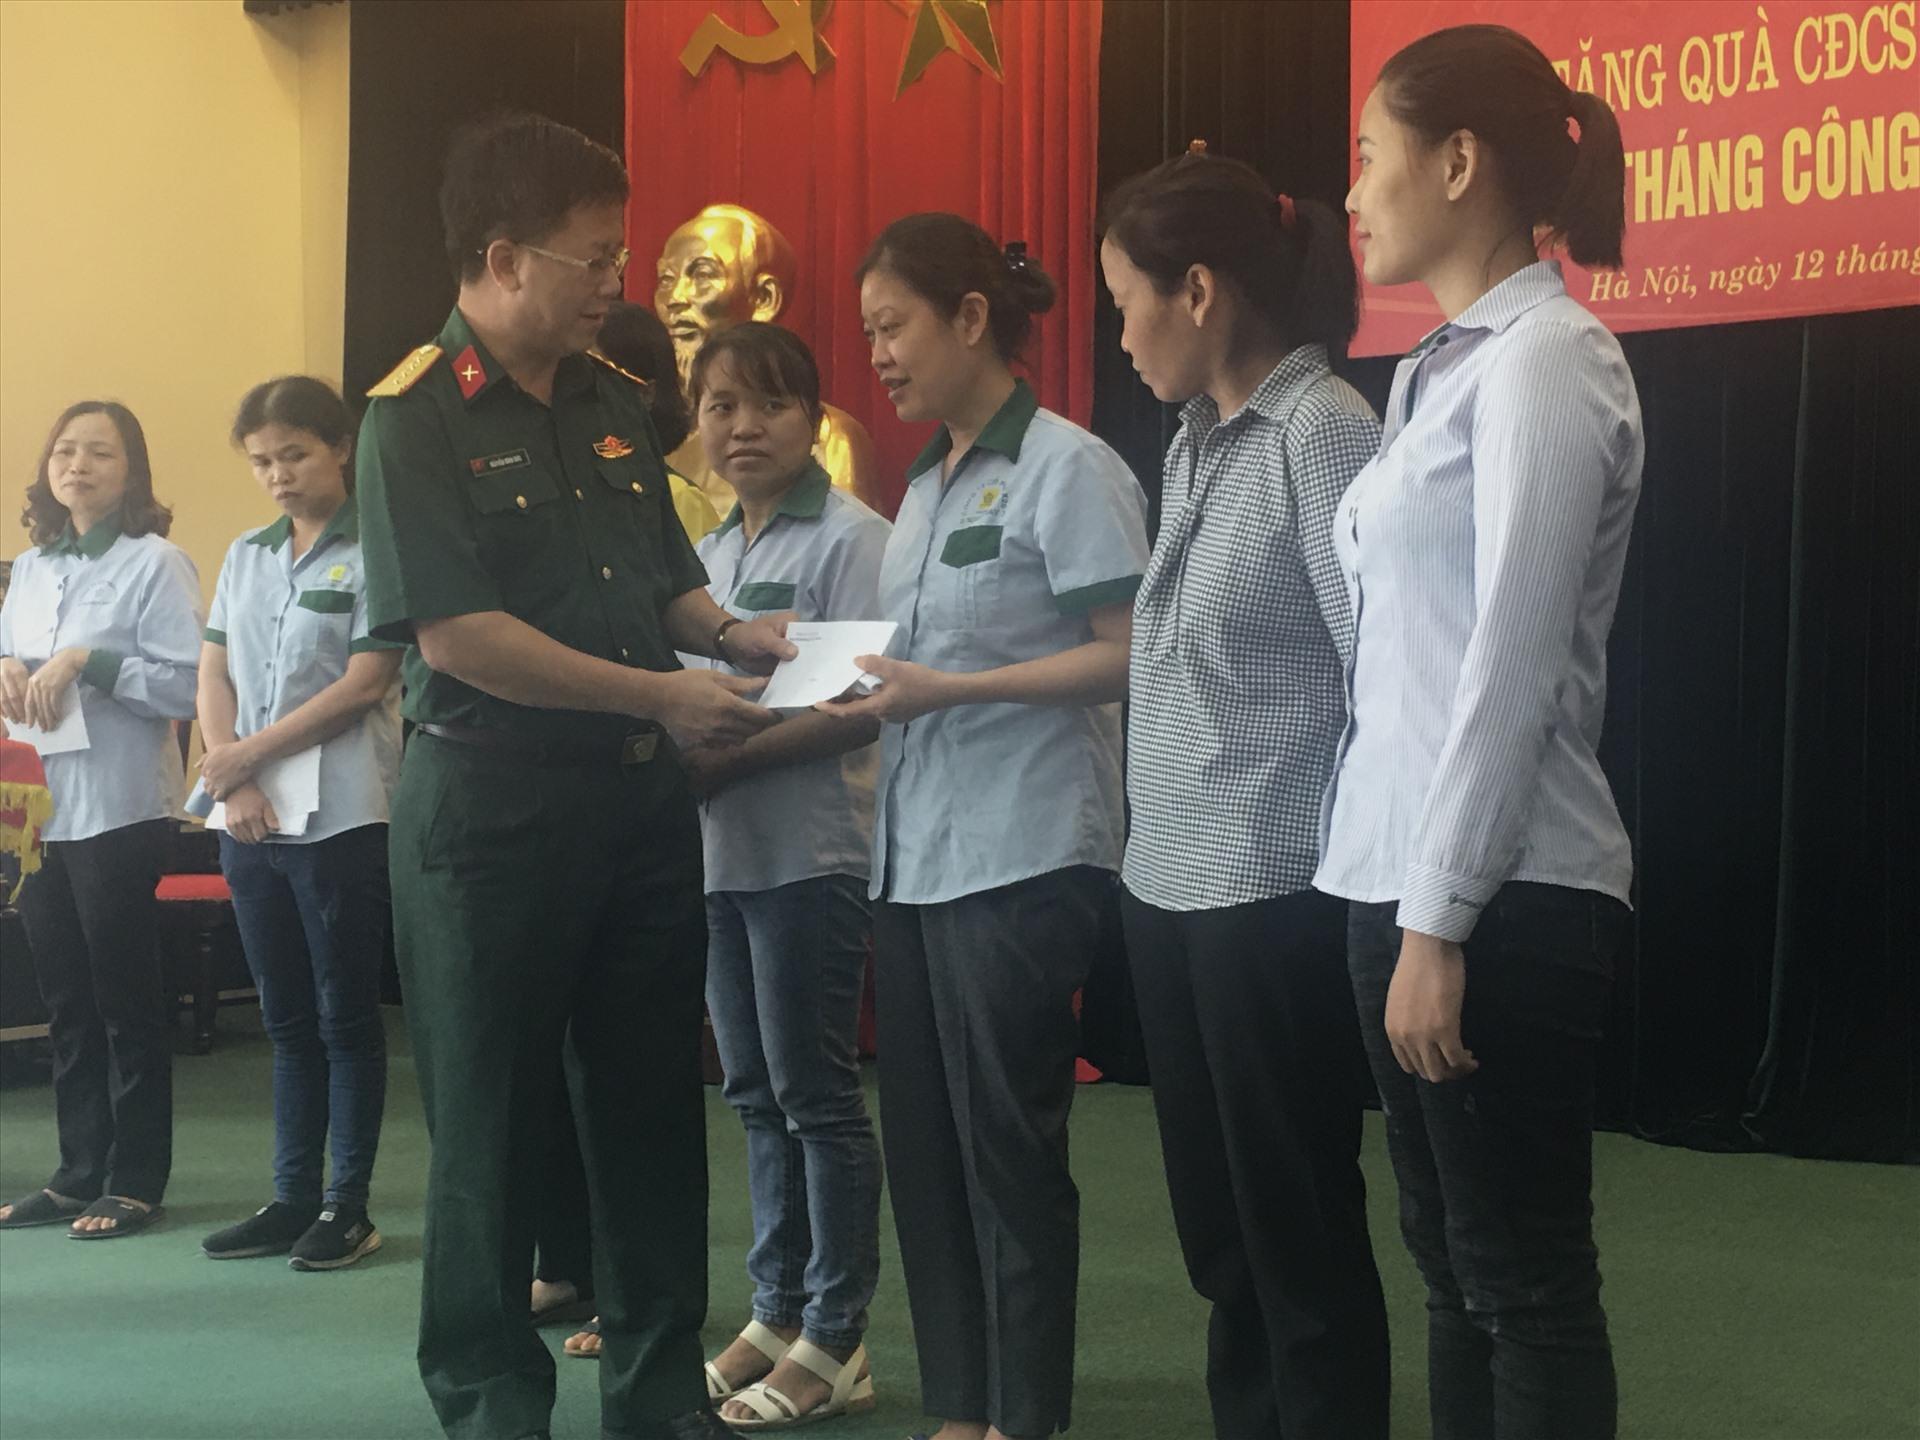 Đại tá Nguyễn Đình Đức - Trưởng ban Công đoàn Quốc phòng thăm hỏi đoàn viên Công đoàn Công ty Cổ phần X20. Ảnh:T.E.A